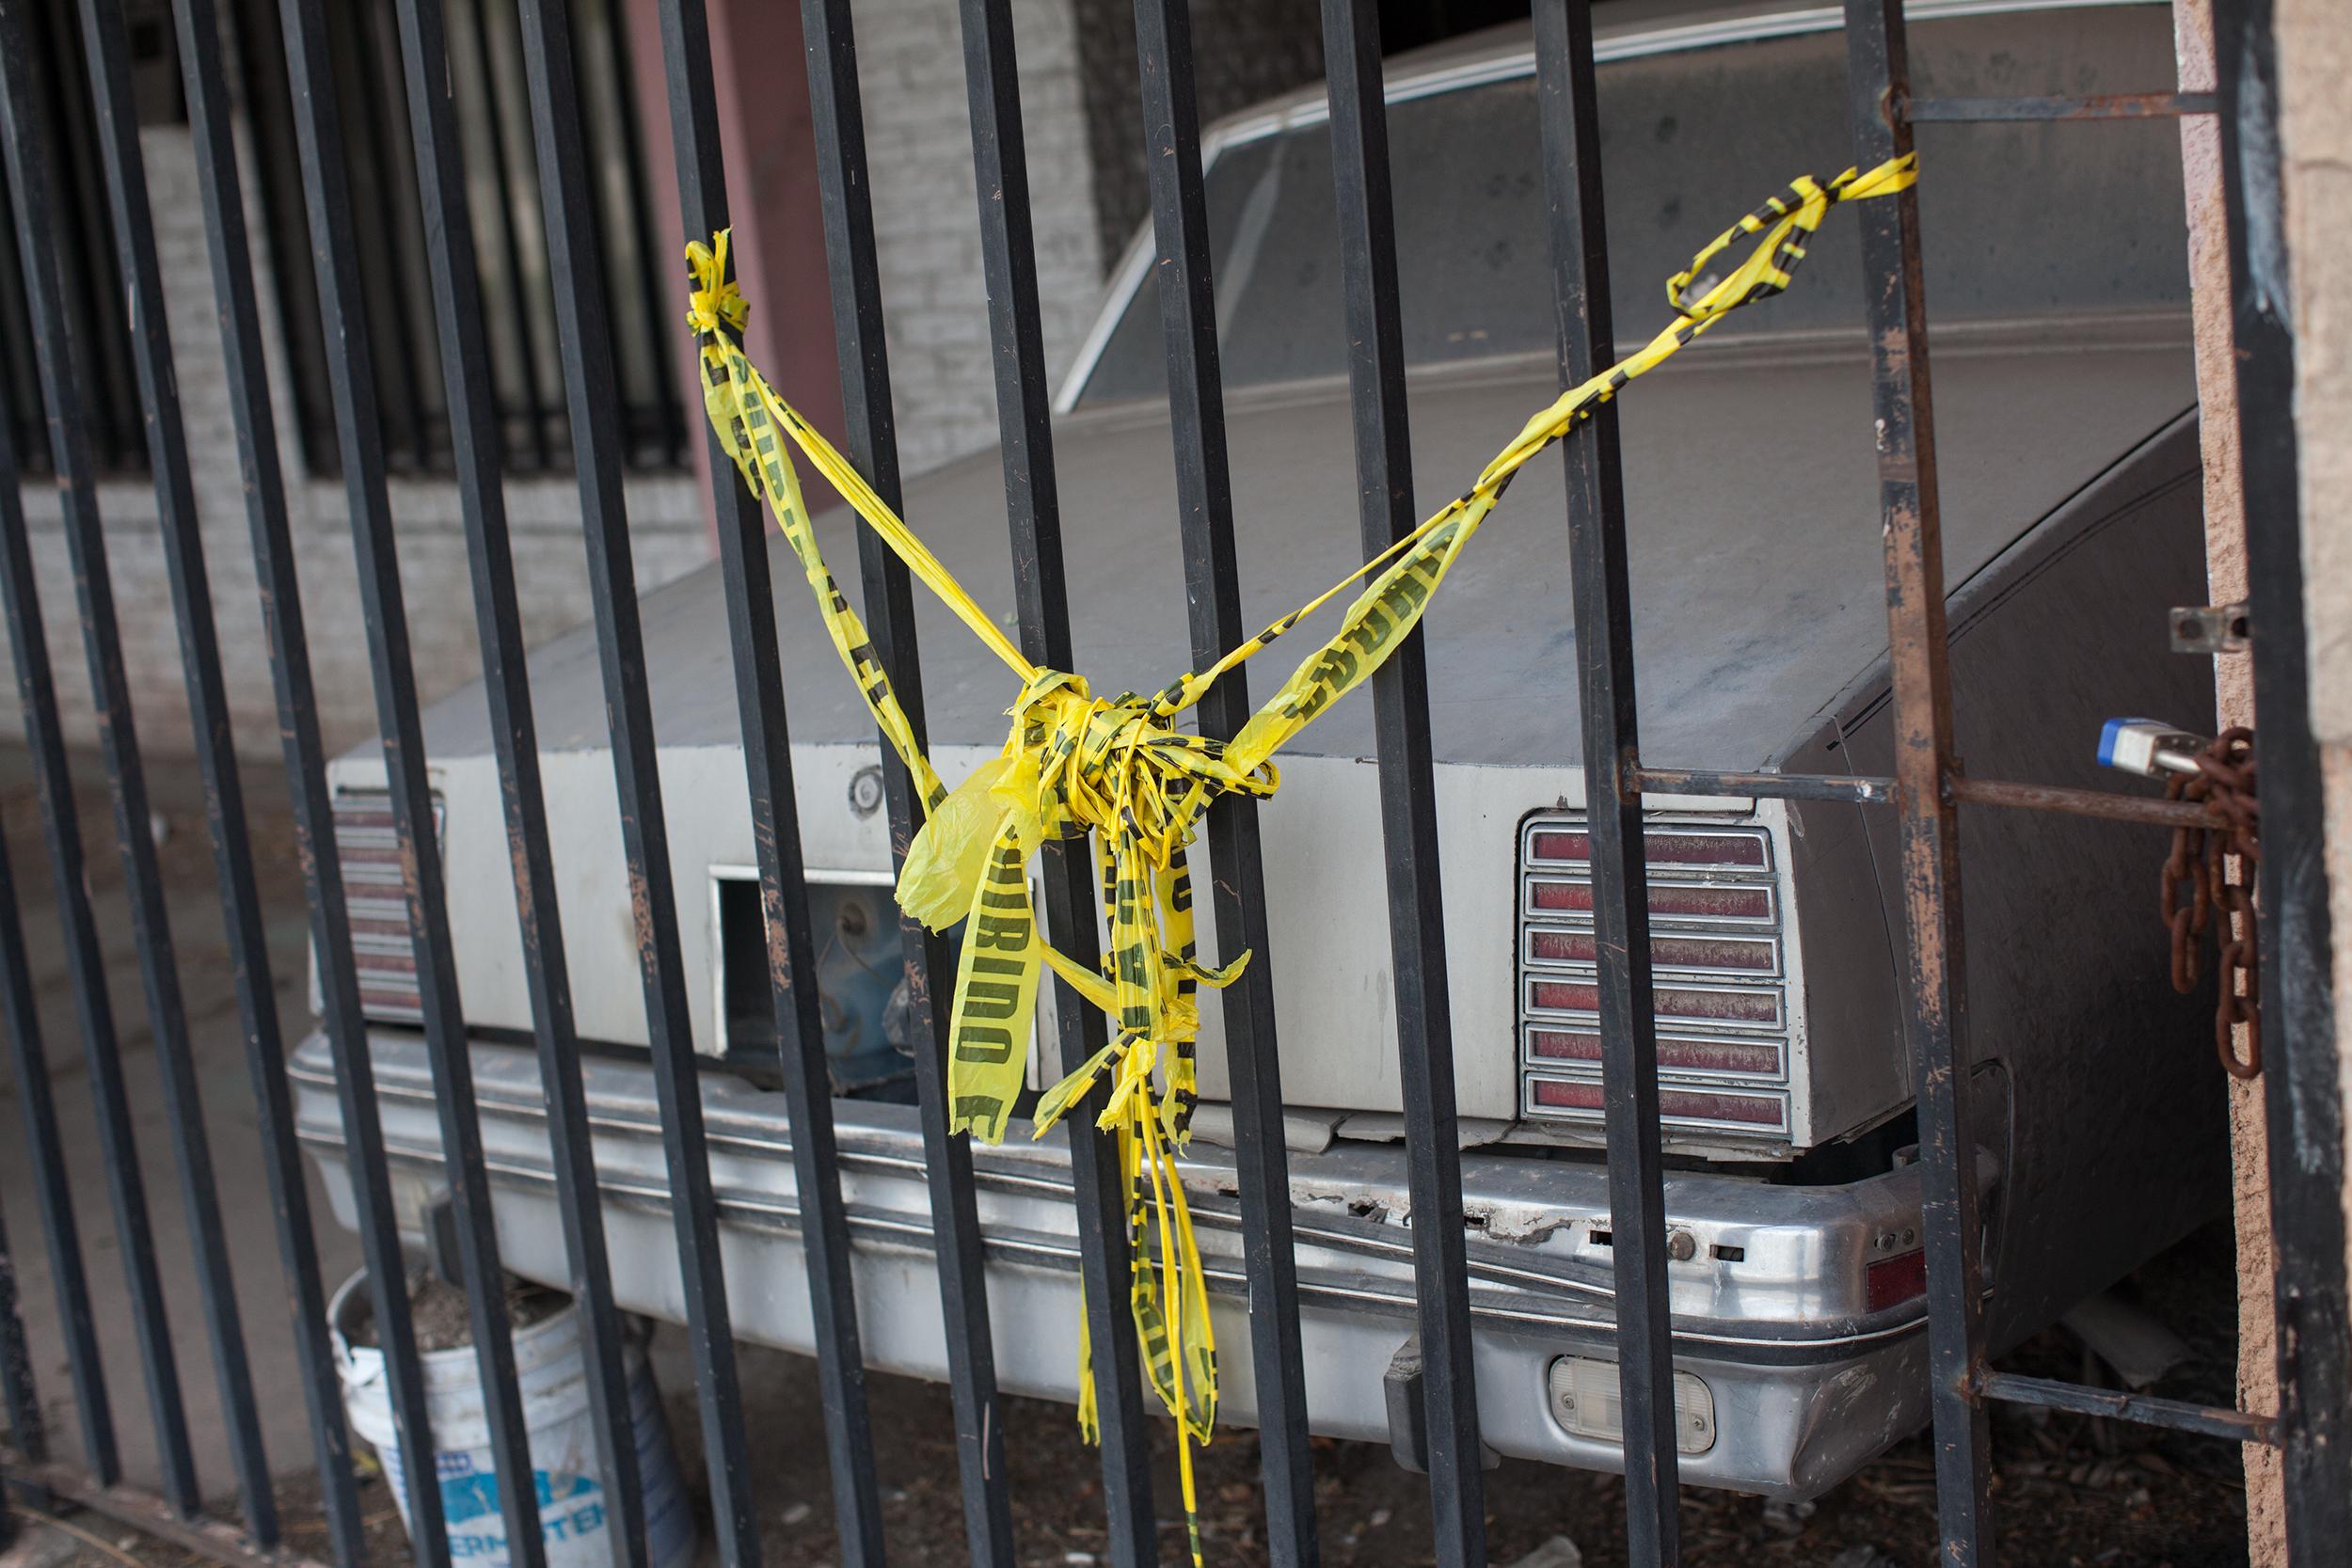 La escena de un homicidio en Juárez. Foto: Alejandro Saldívar